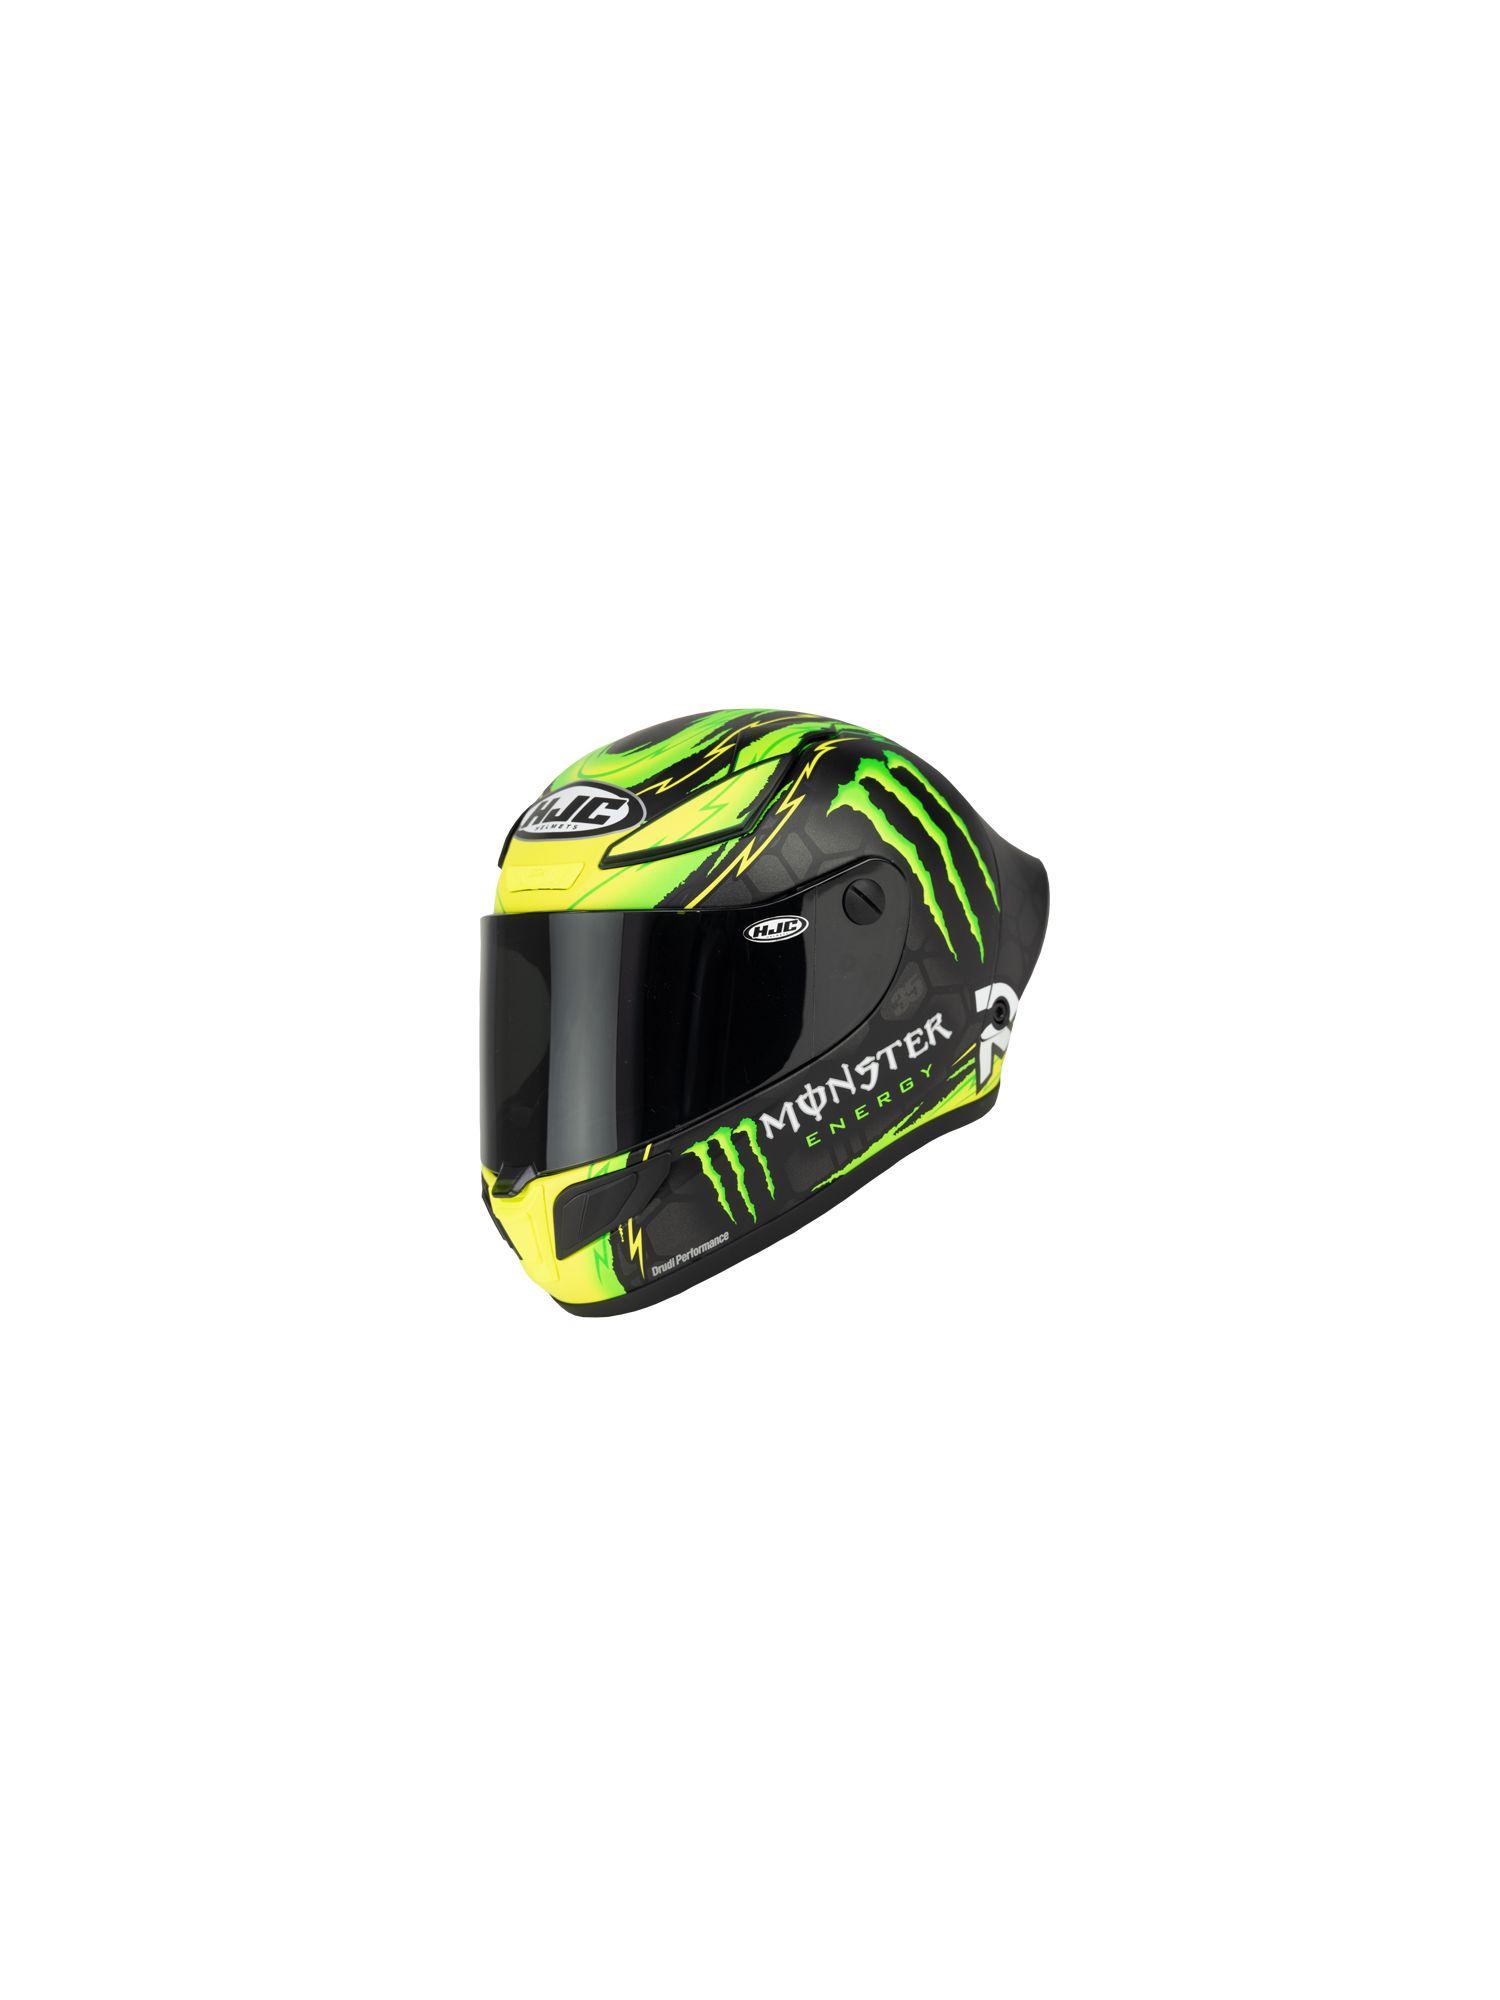 HJA001   HJC ミニチュアヘルメット[1color]